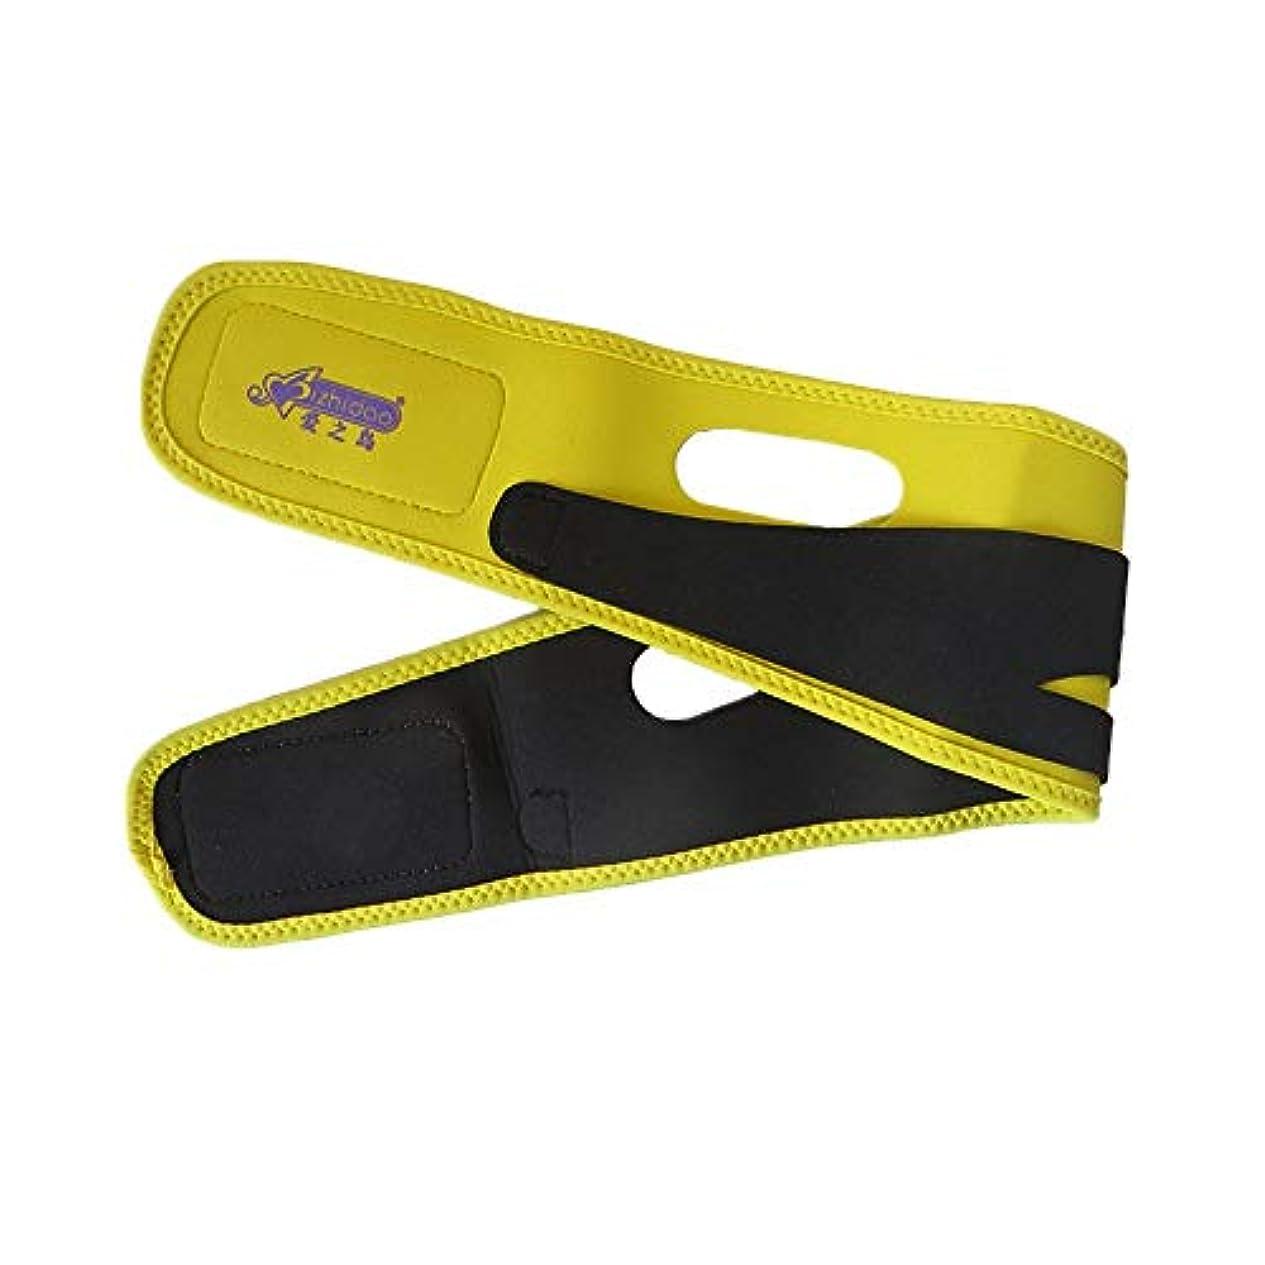 パーティー考案する改修するXHLMRMJ フェイススリミングバンデージ、ダブルチンケア減量、フェイシャルリフティングバンデージ、フェイスマッサージマスク、ダブルチンストラップ(フリーサイズ) (Color : Yellow)